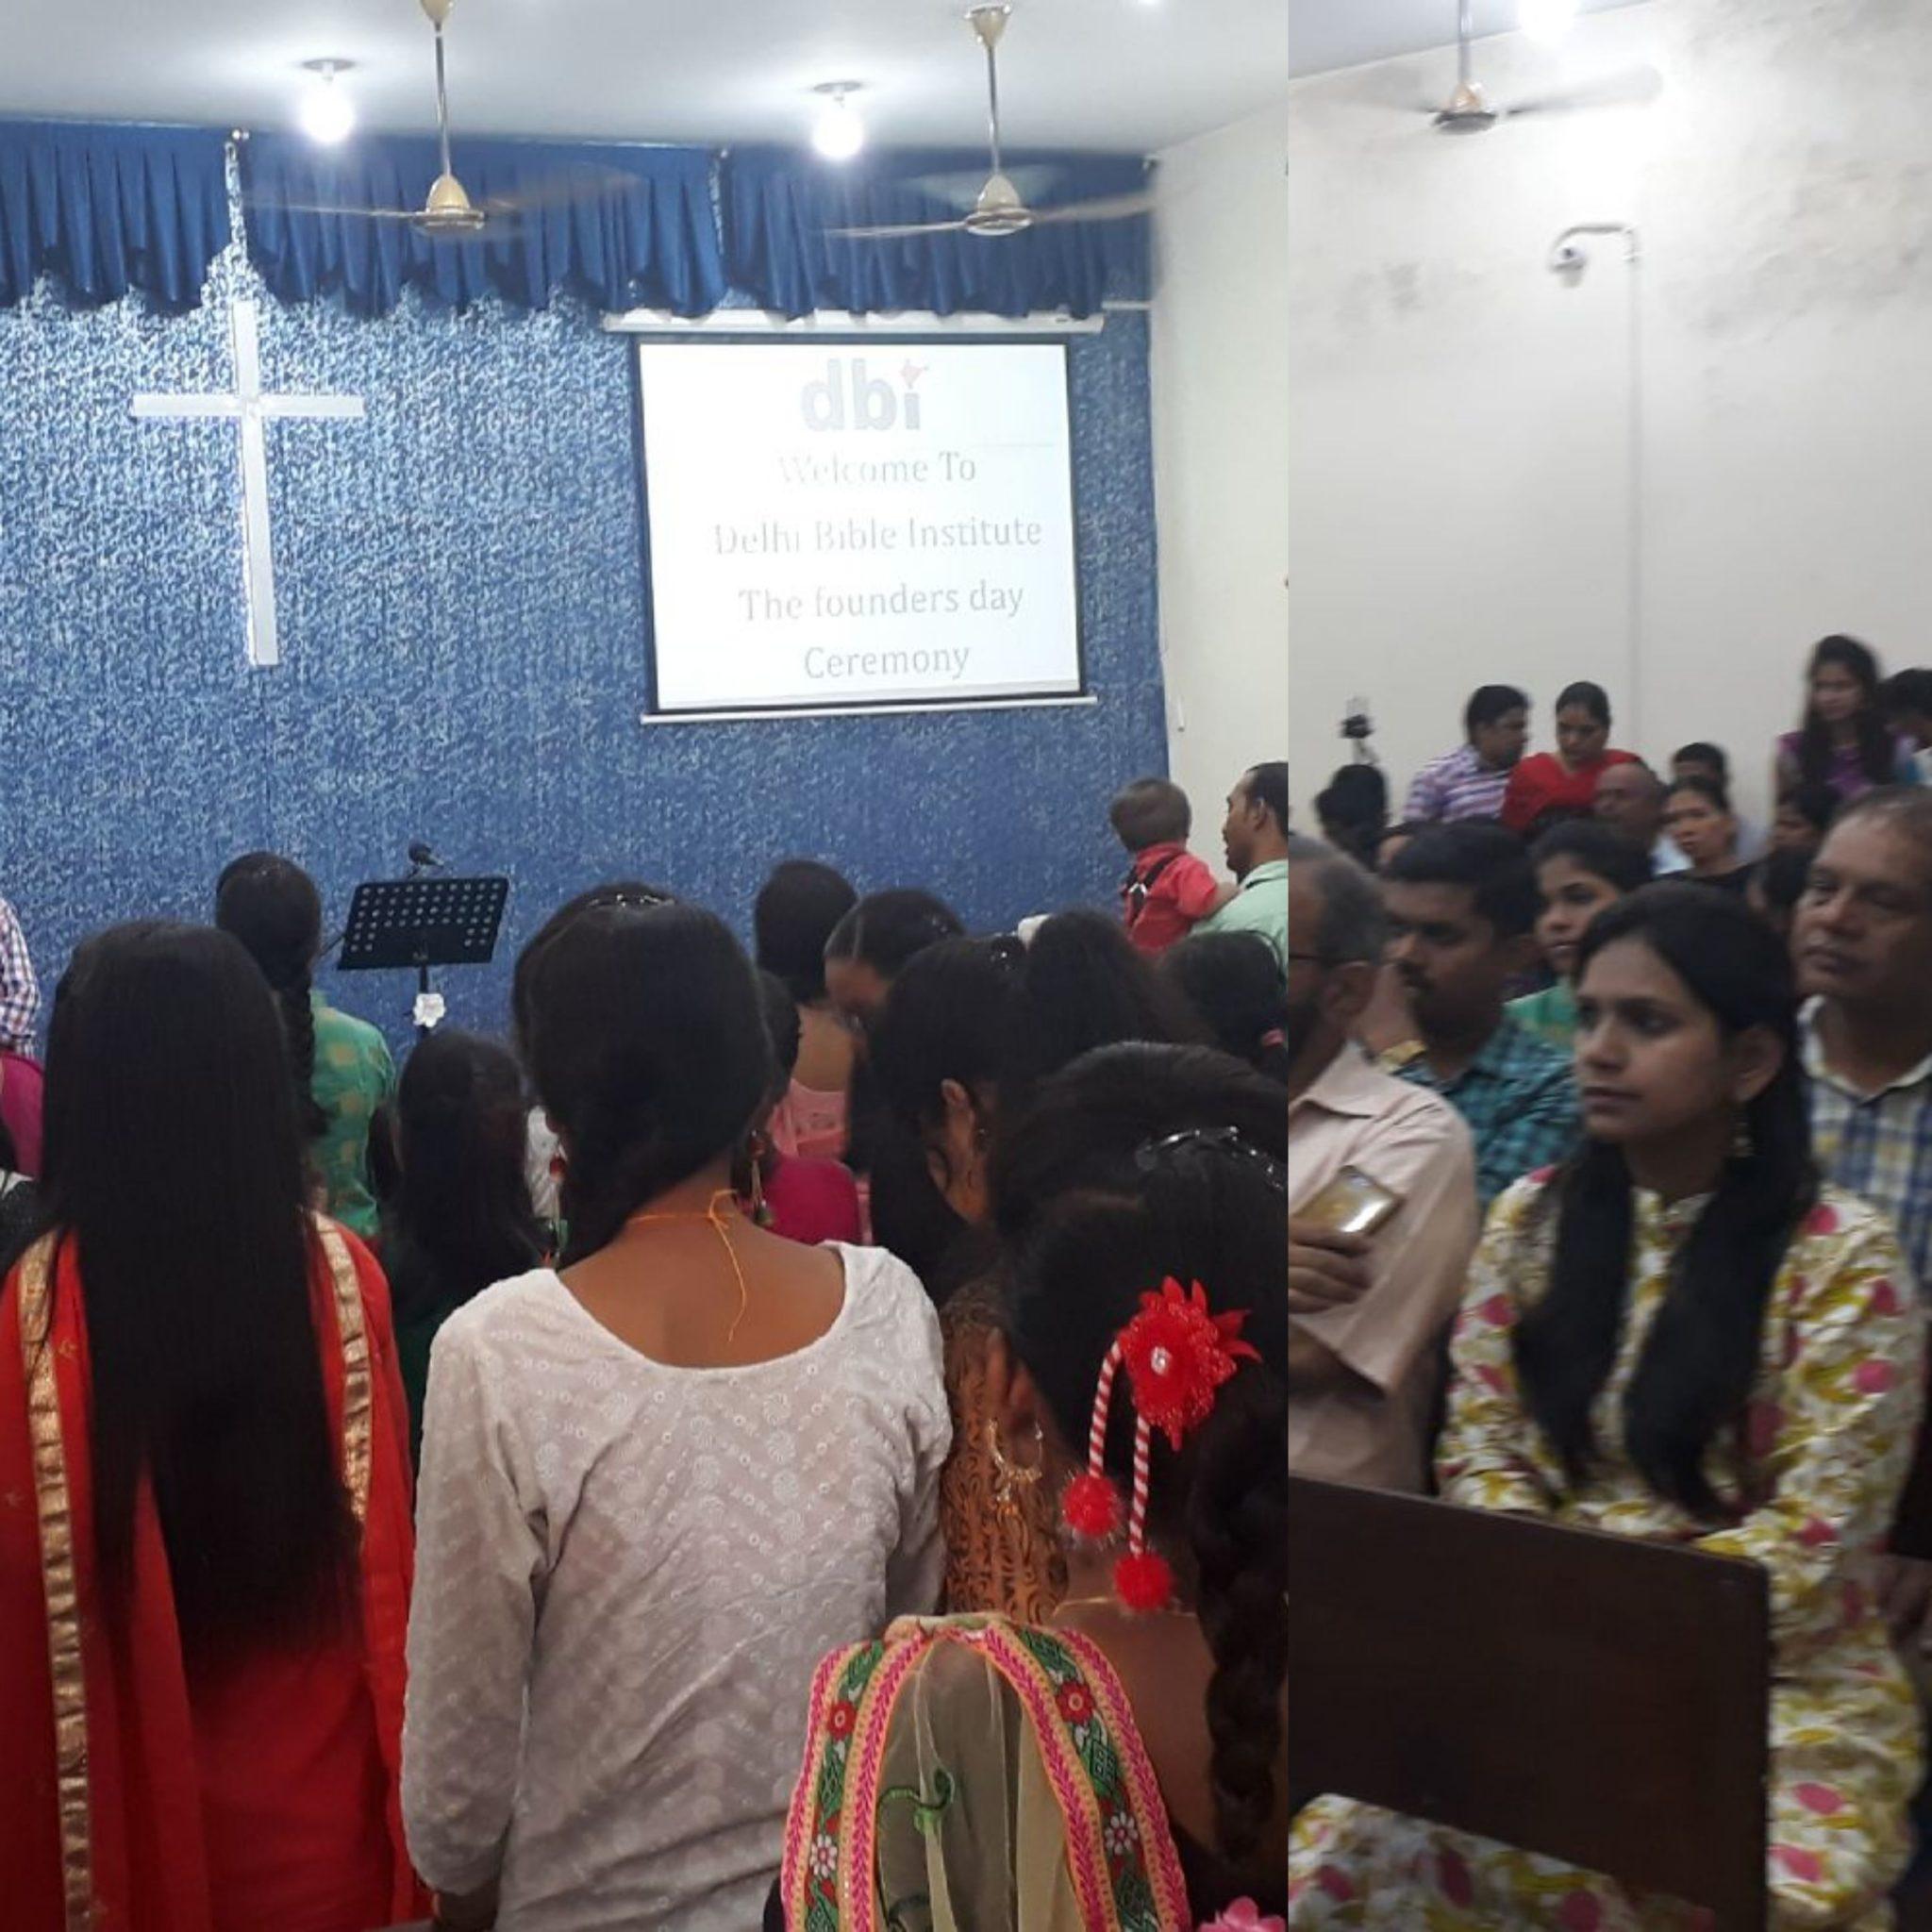 उत्तराखण्ड की राजधानी देहरादून में प्रभु यीशु मसीह के अनुवाईयो ने बड़े धूमधाम से मनाया स्थापना दिवस